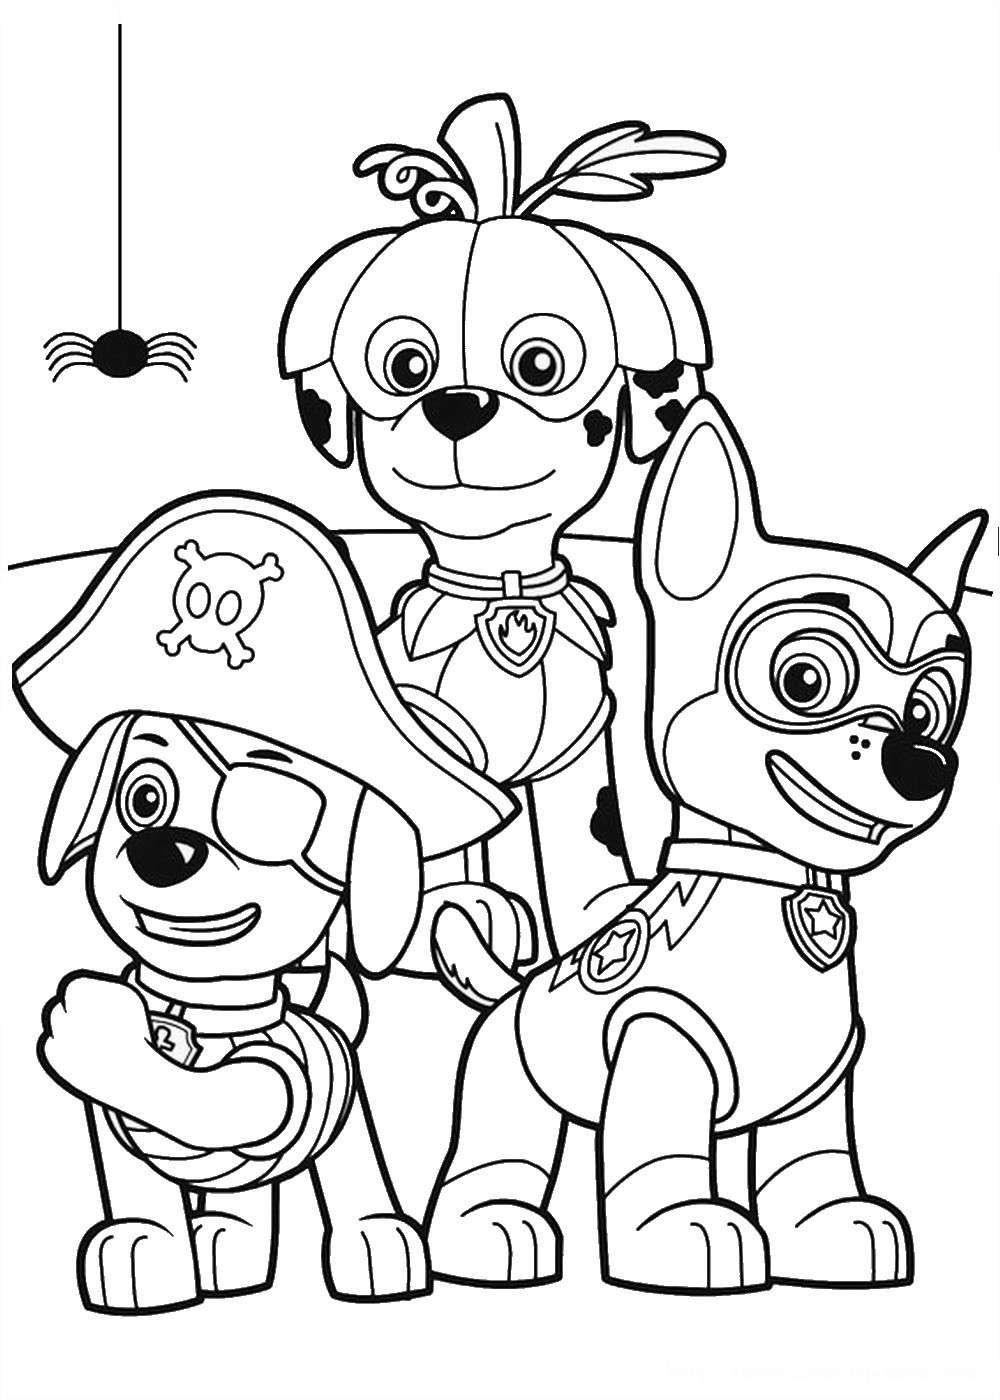 Dibujos para niños de la Patrulla Canina | imágenes para colorear ...